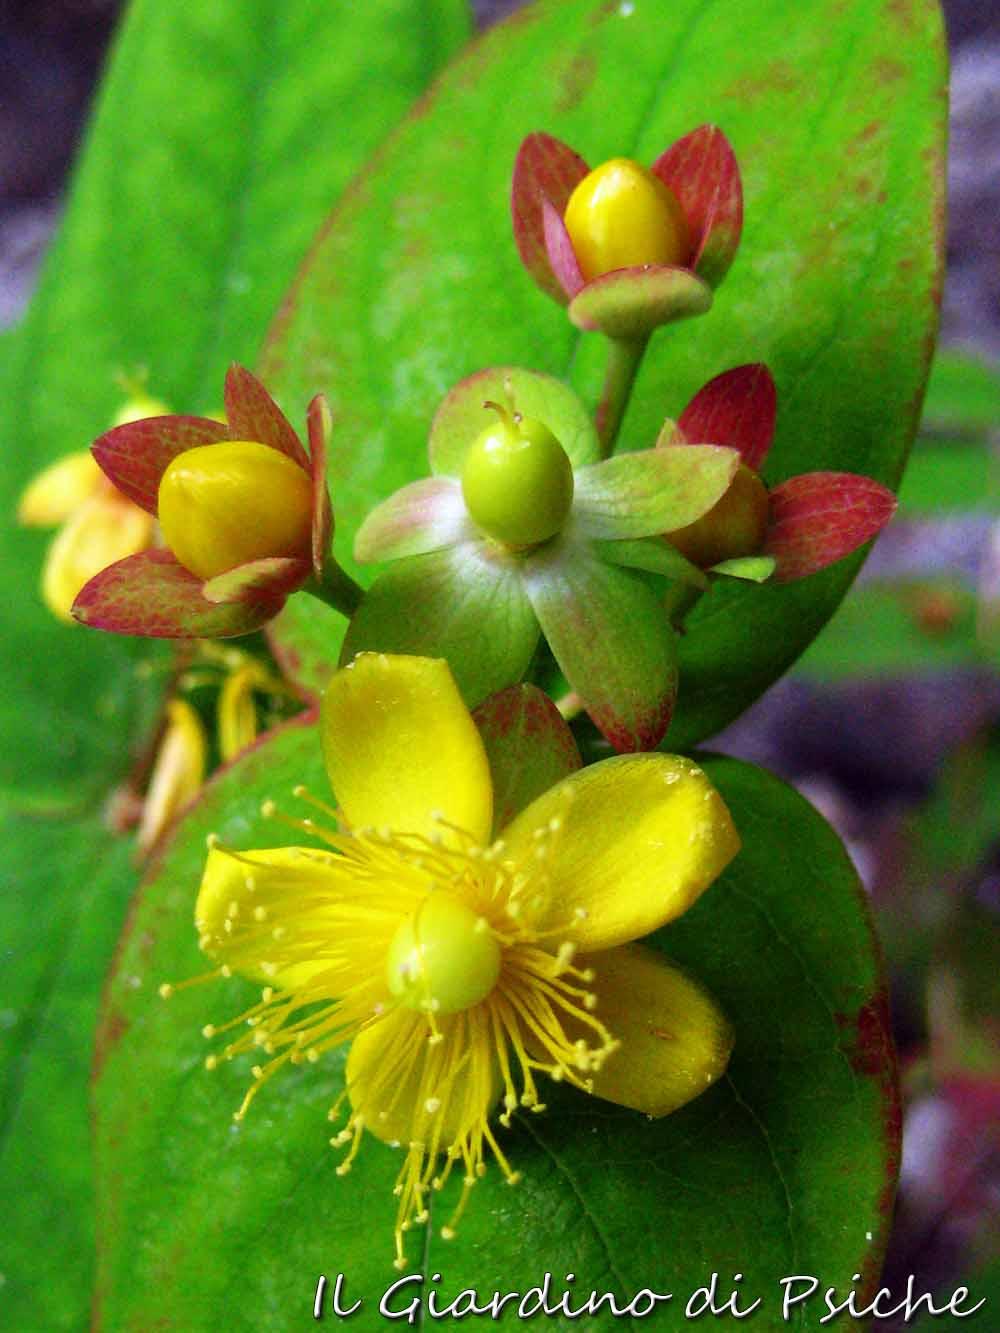 Il giardino di psiche alcune variet d 39 iperico - Il giardino di ausonia ...